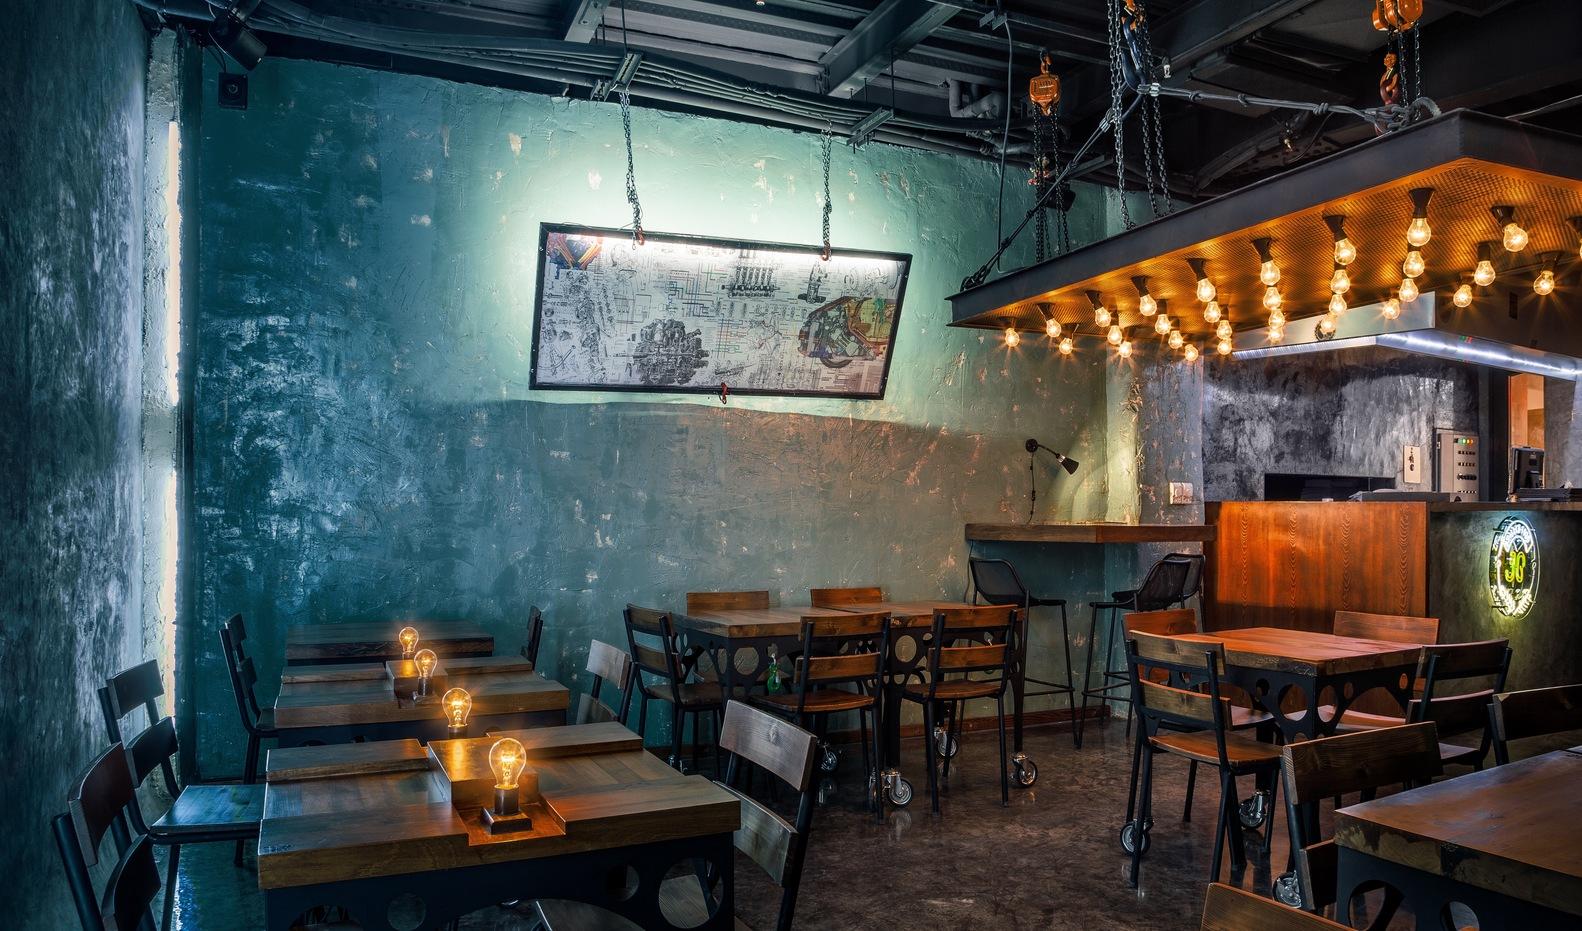 12-melhores-restaurantes-bares-2016-mundo-restaurants-bars-design-award